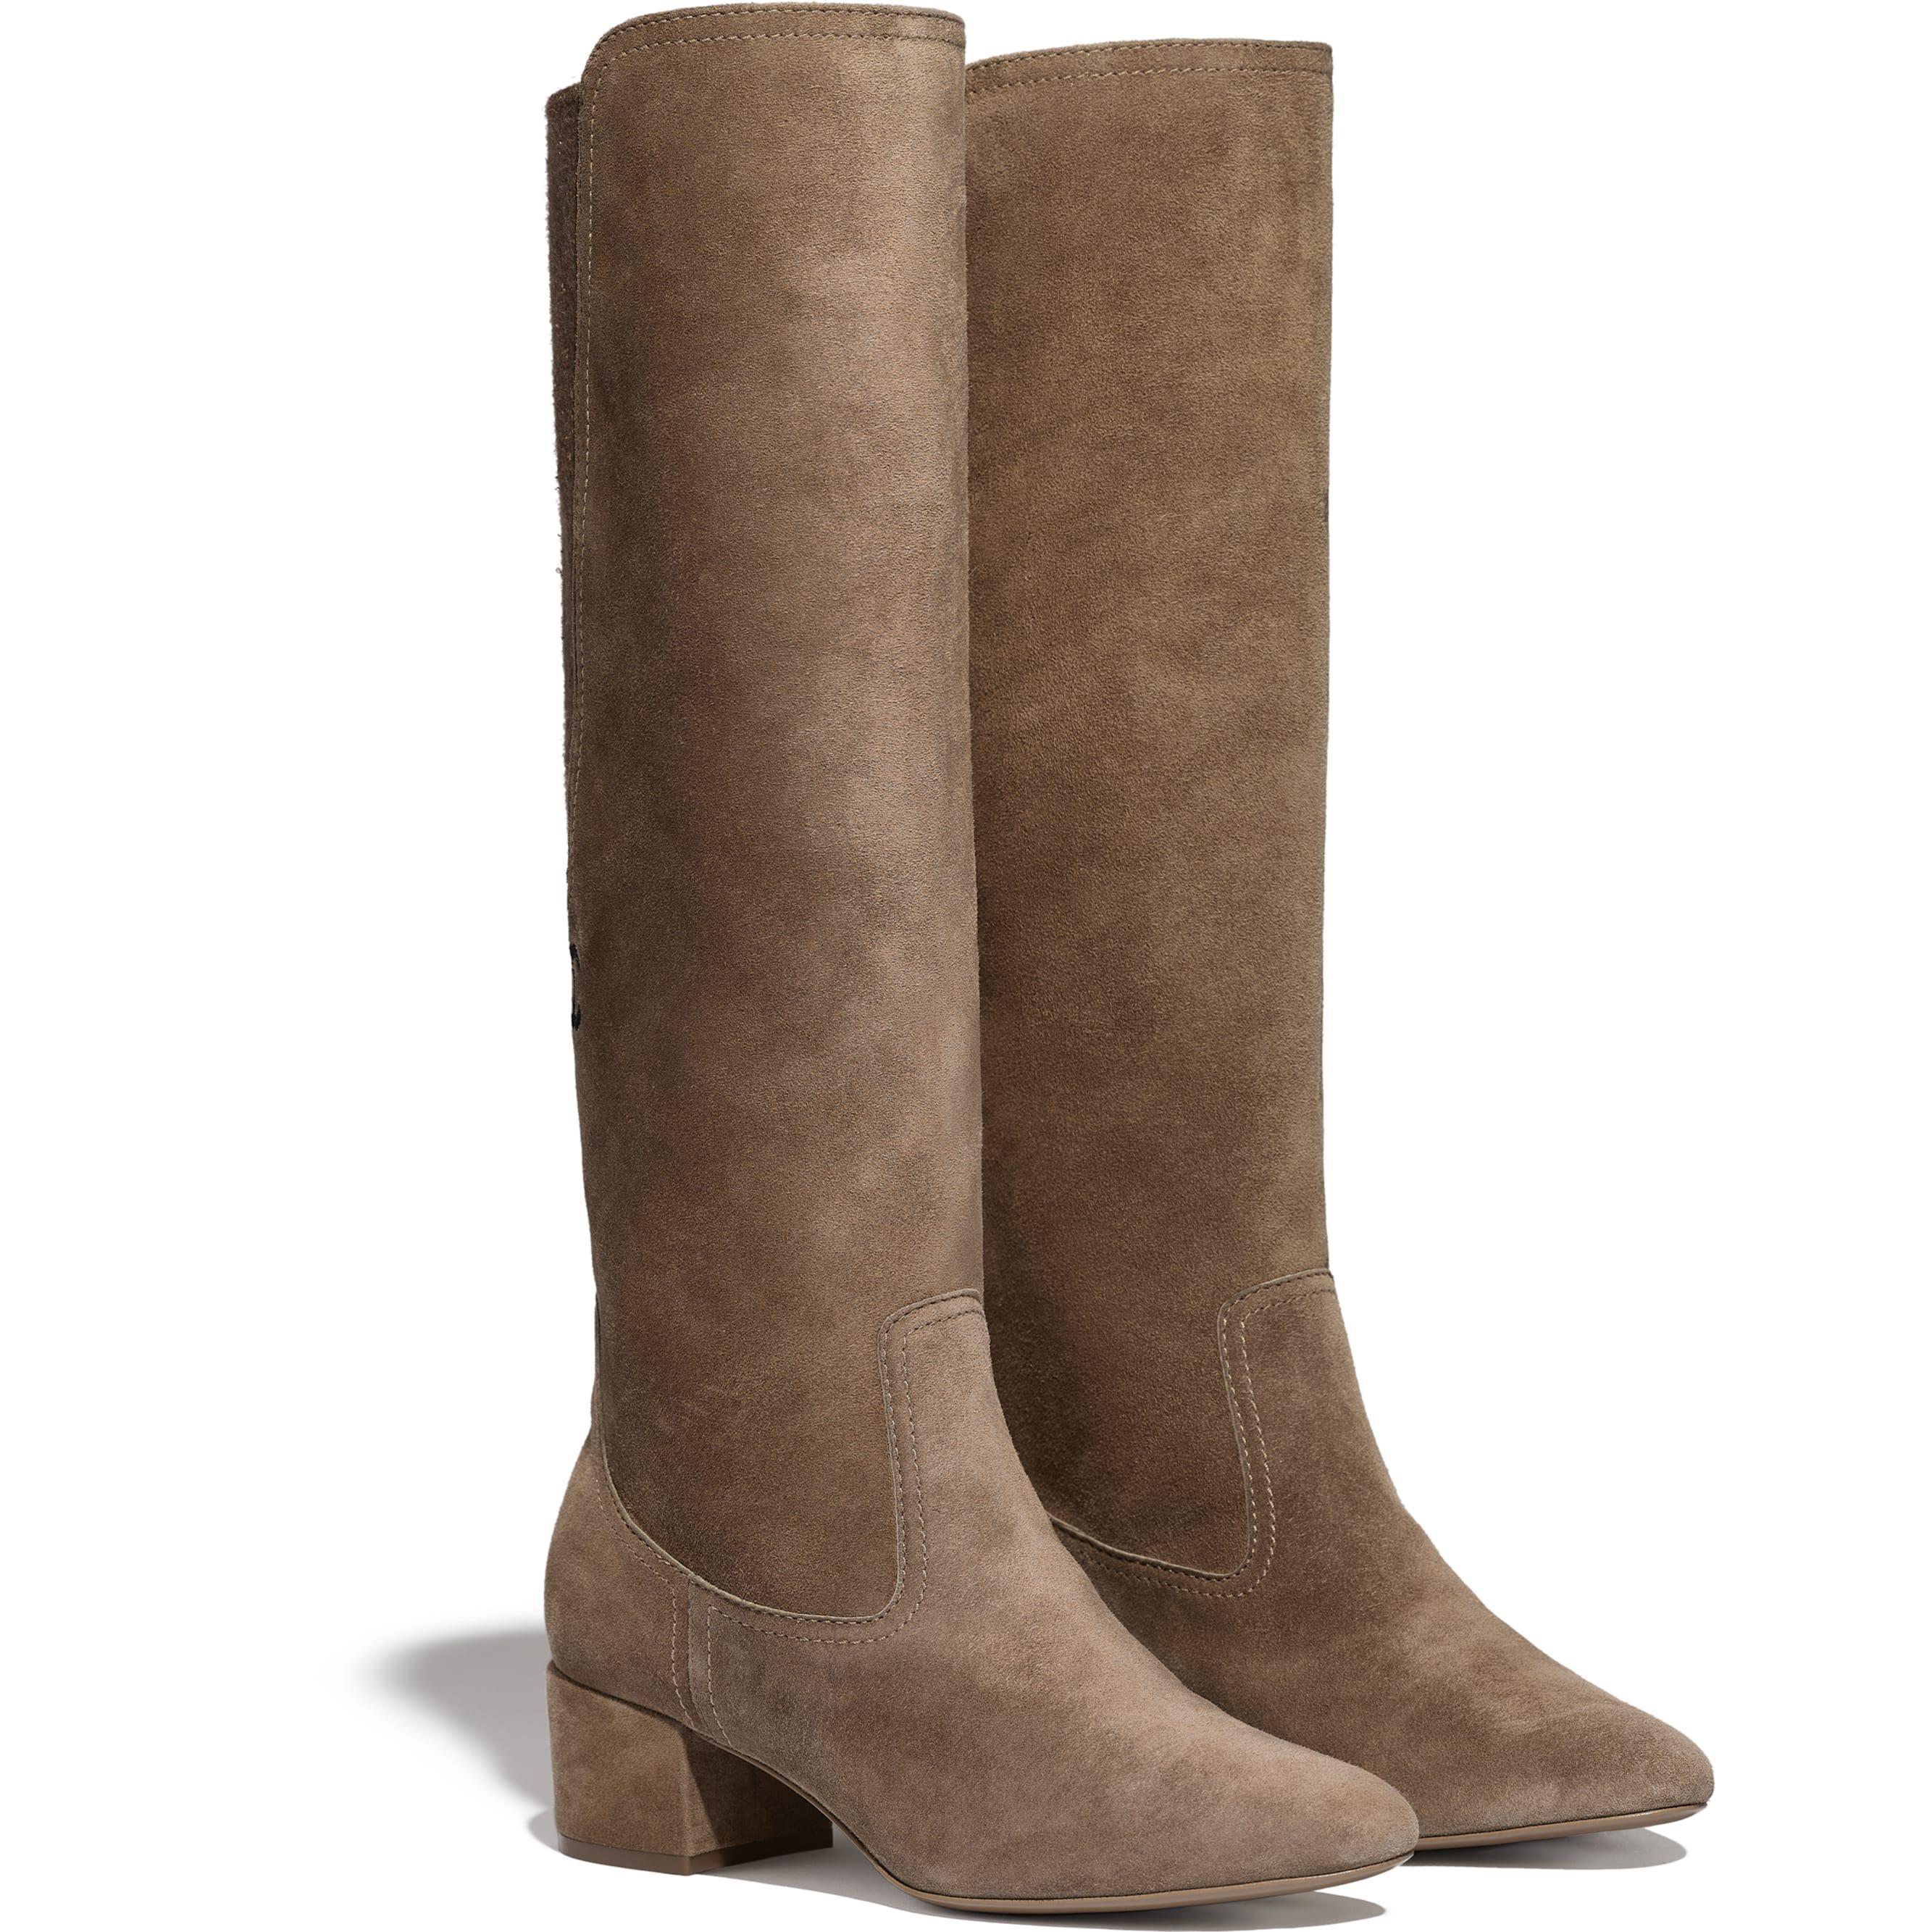 High Boots - Brown -  Velvet Calfskin & Mixed Fibers - Alternative view - see standard sized version